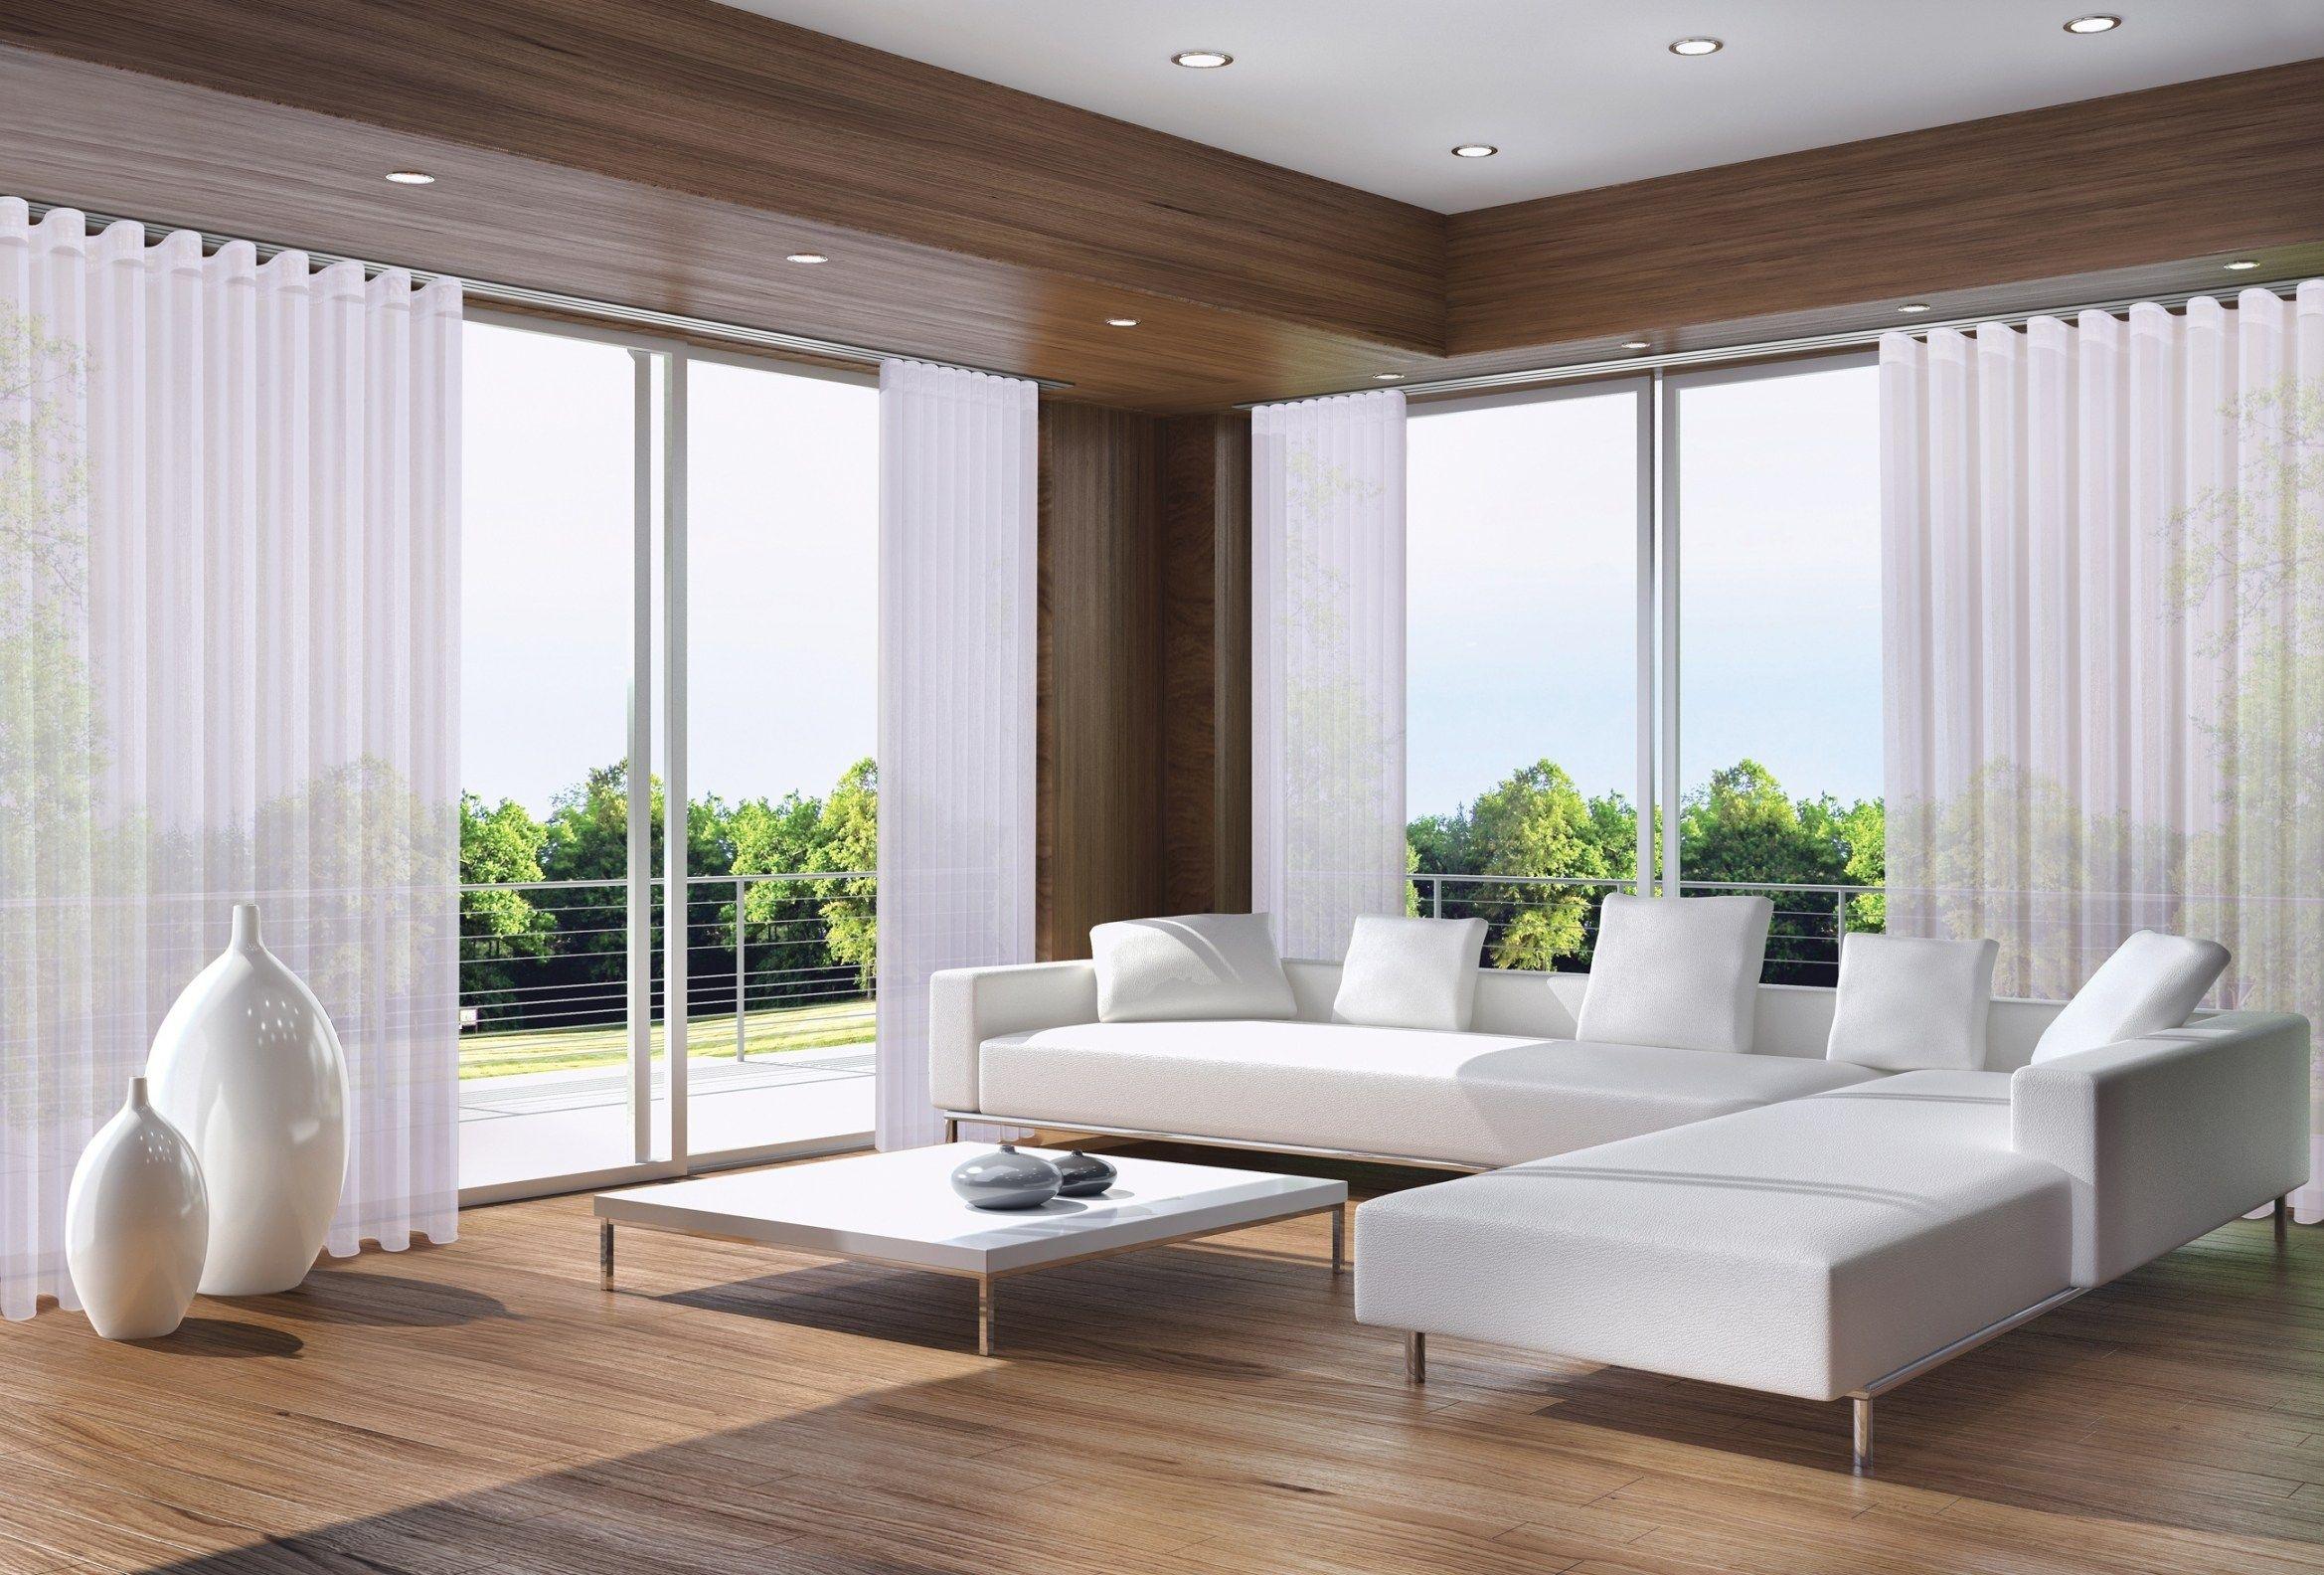 gardinen 15 - Top Modische Kleider  Wohnzimmer design, Gardinen